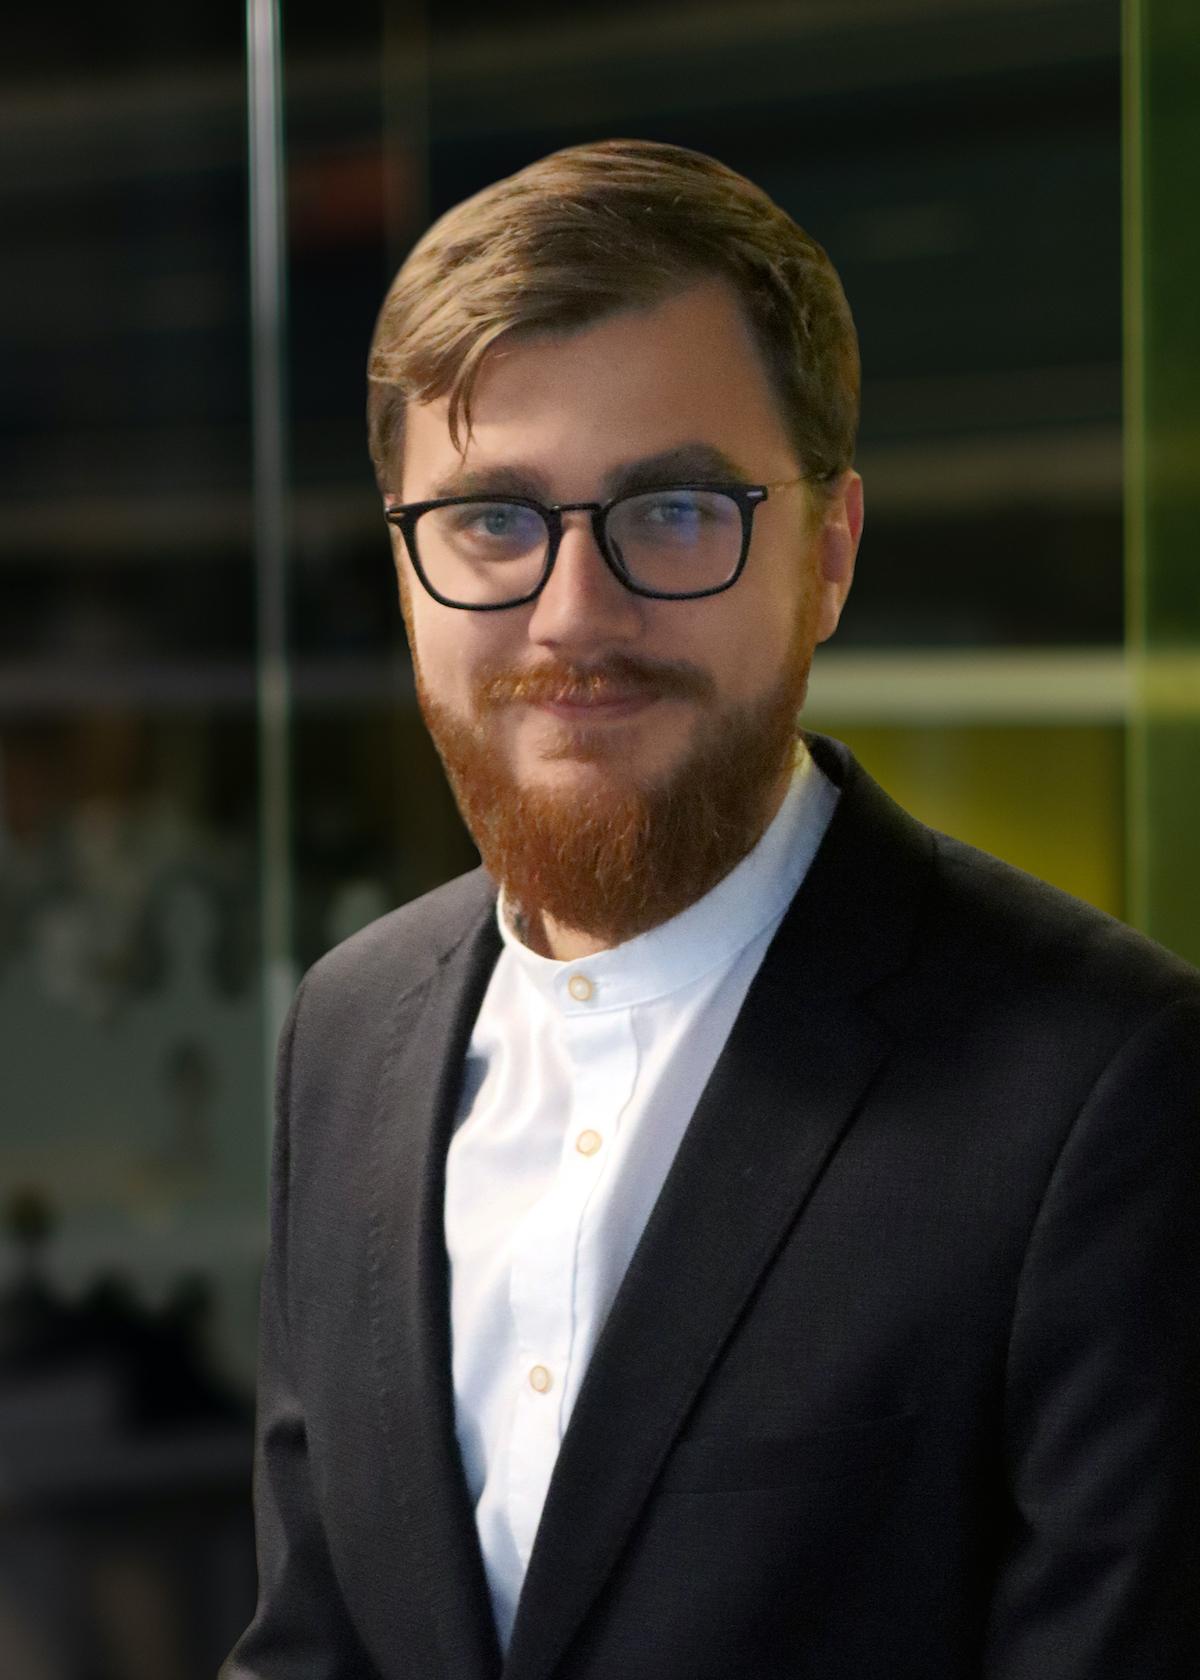 Jonas Jaansoo